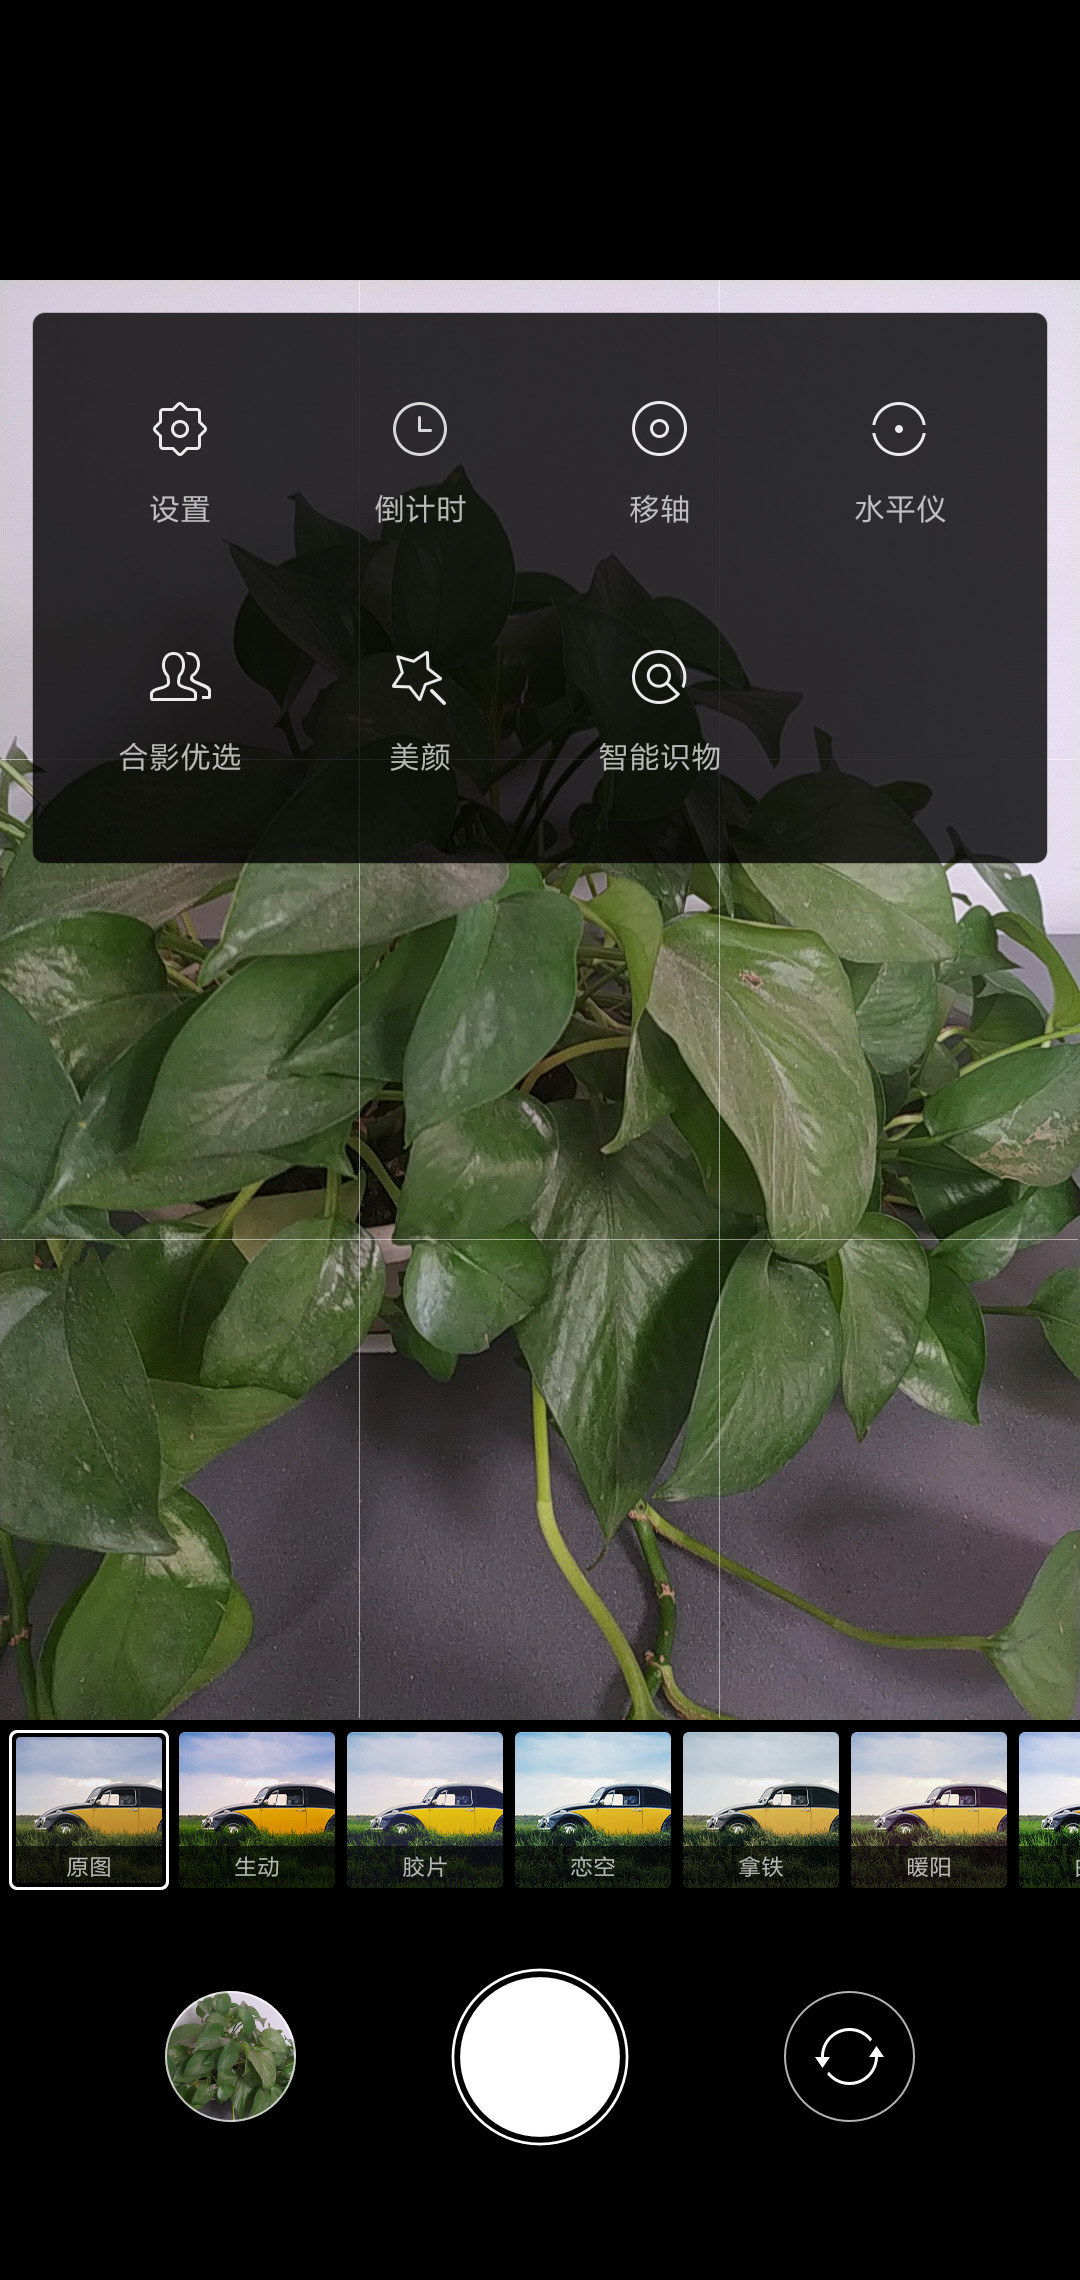 小米8青春版(4+64GB)手机功能界面第8张